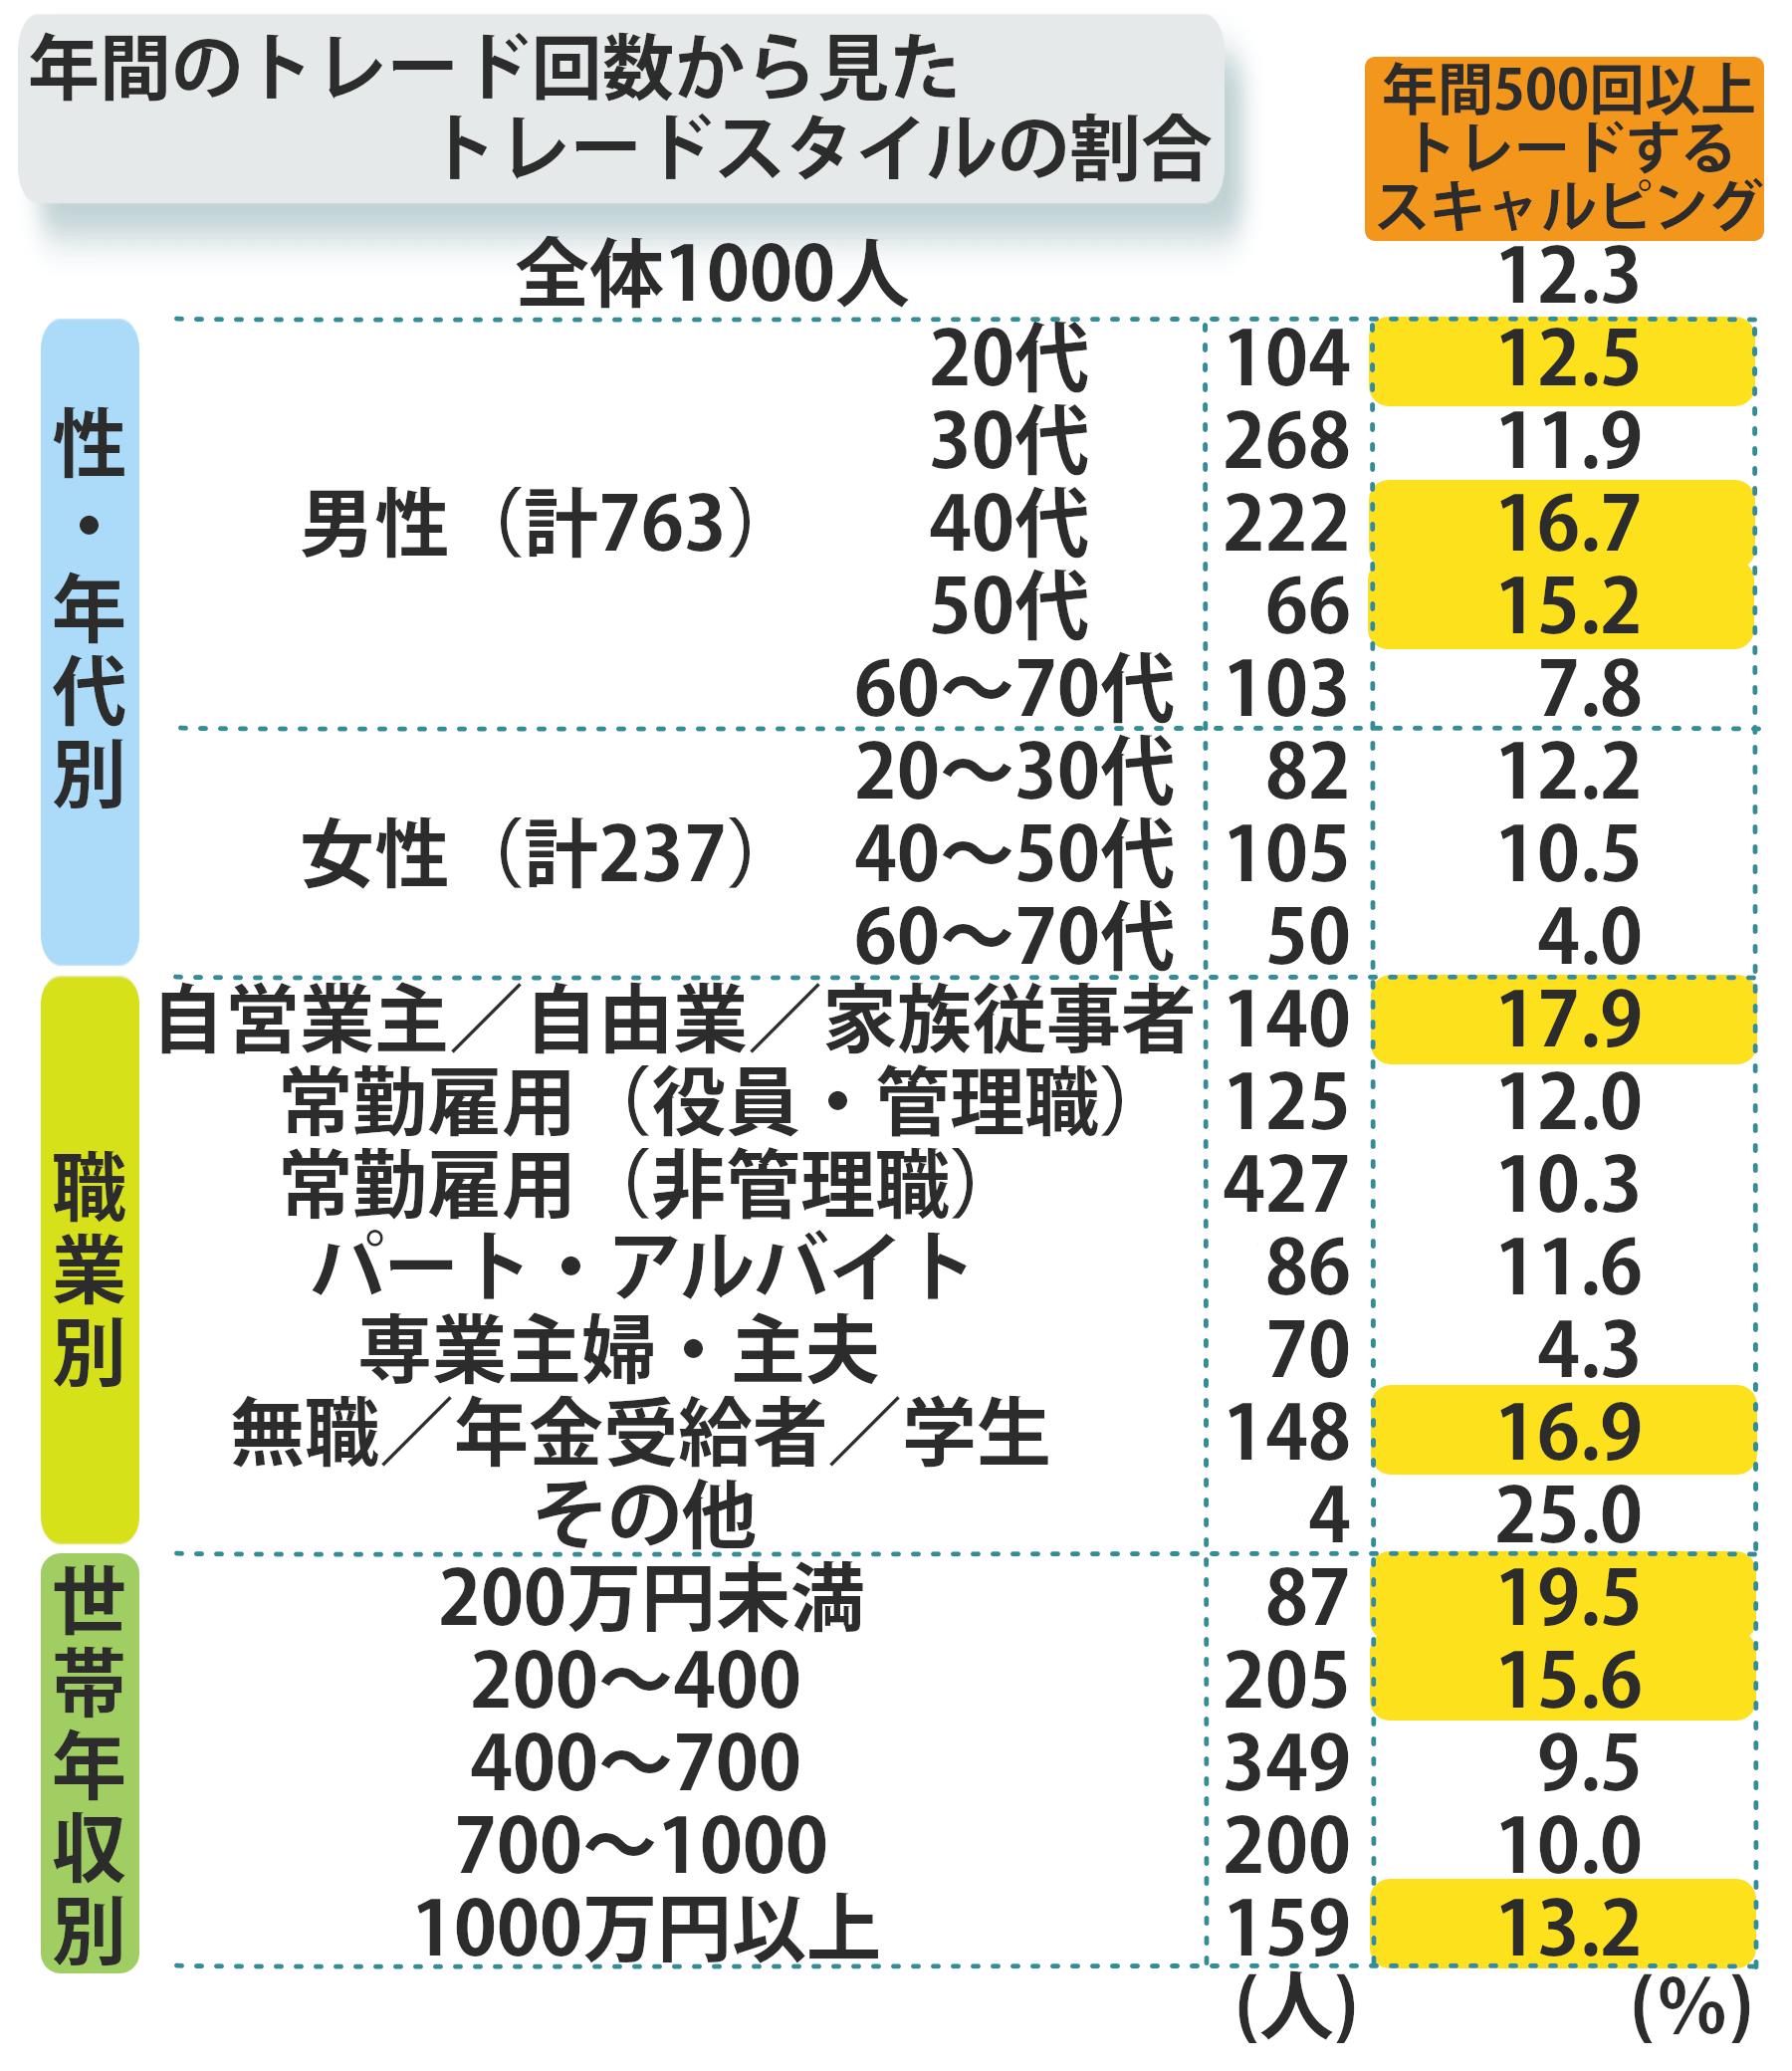 年間のトレード回数から見たトレードスタイルの割合